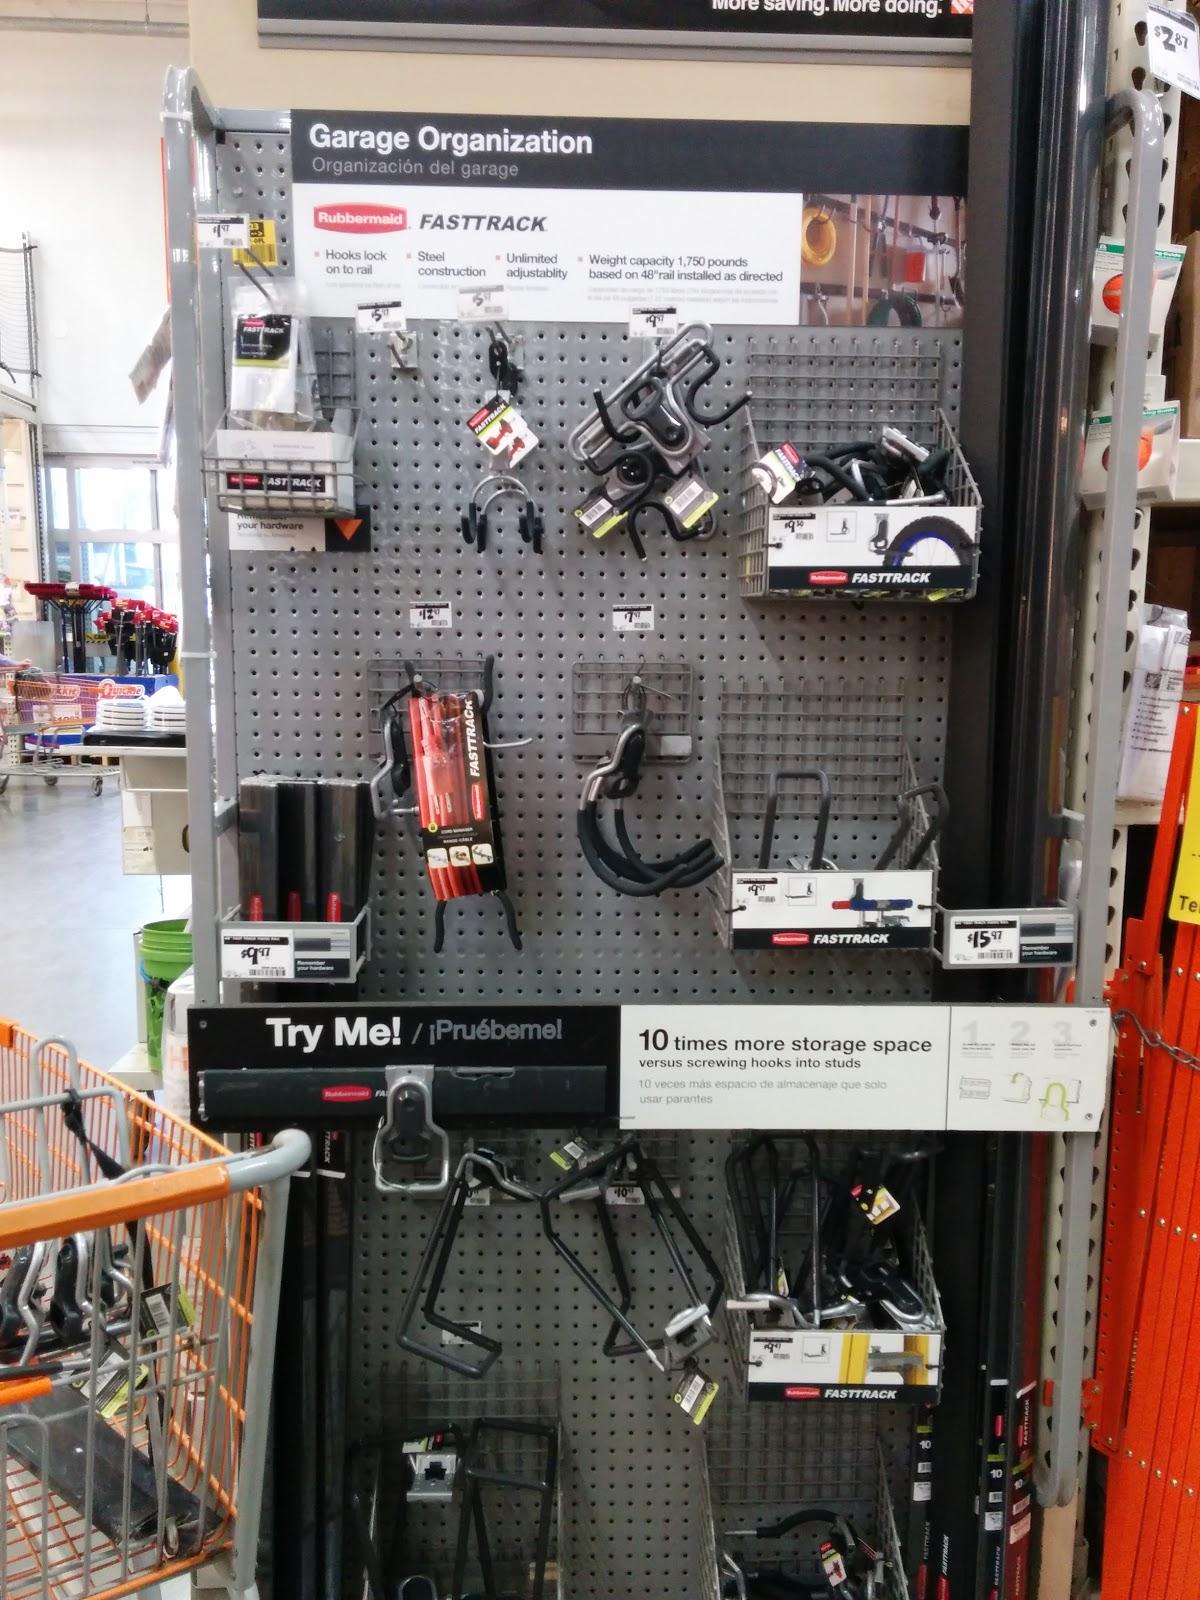 FastTrack Garage Organization. The best, easiest way to organize the garage.